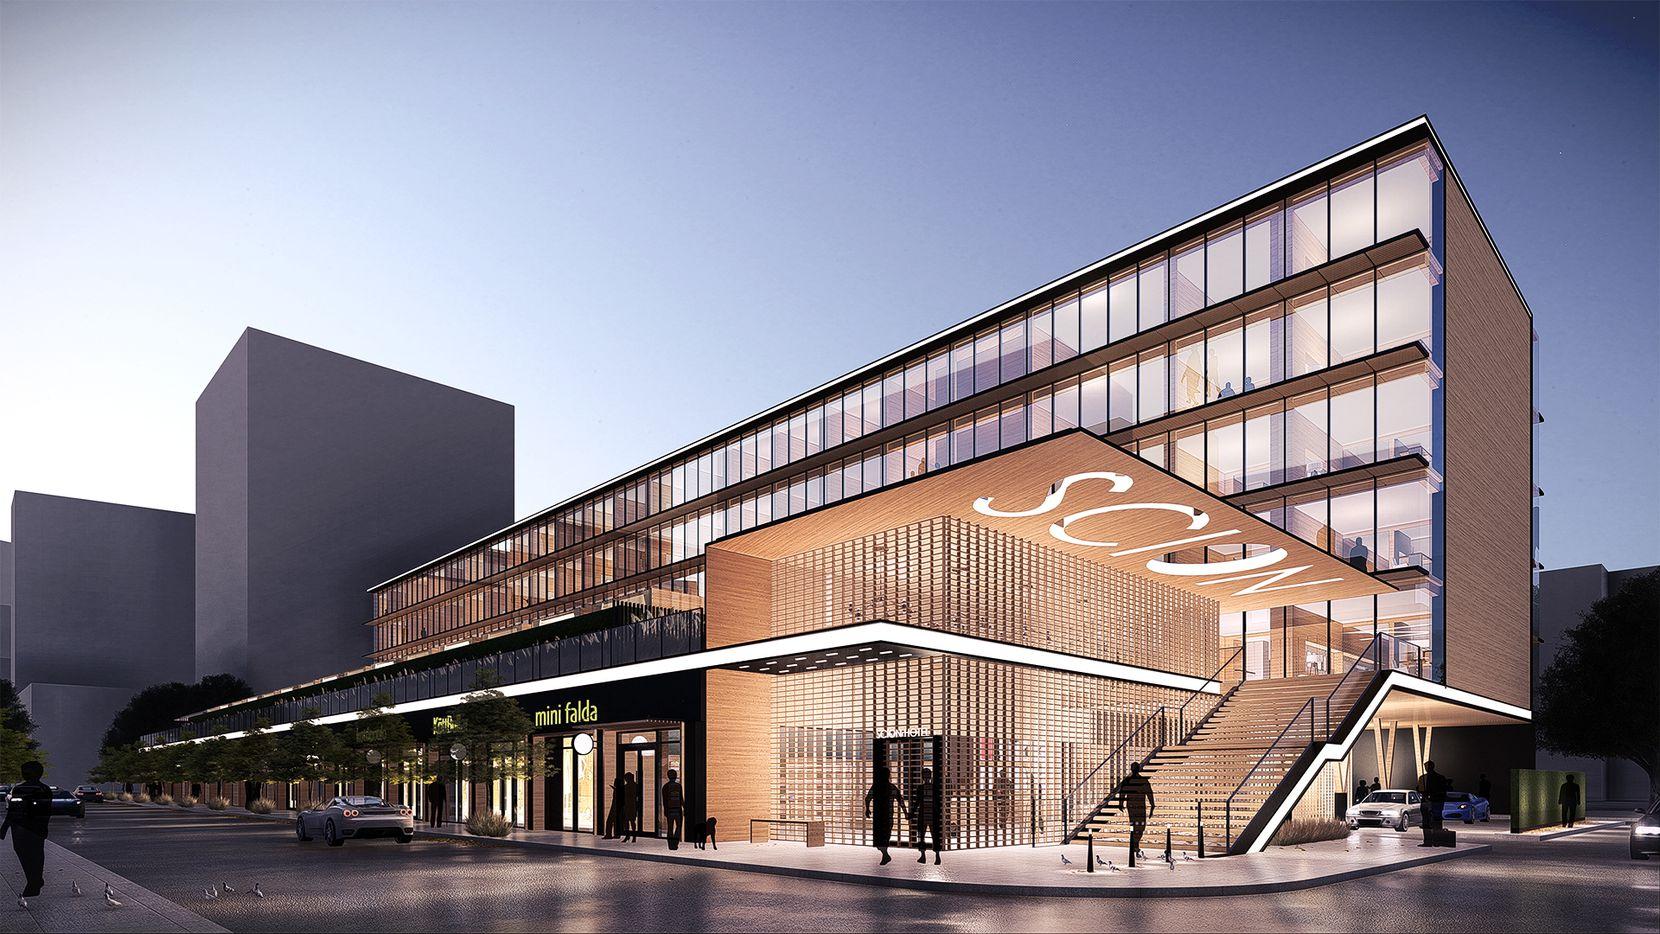 The 220-room hotel was designed by Dallas architect 5G Studio Collaborative.